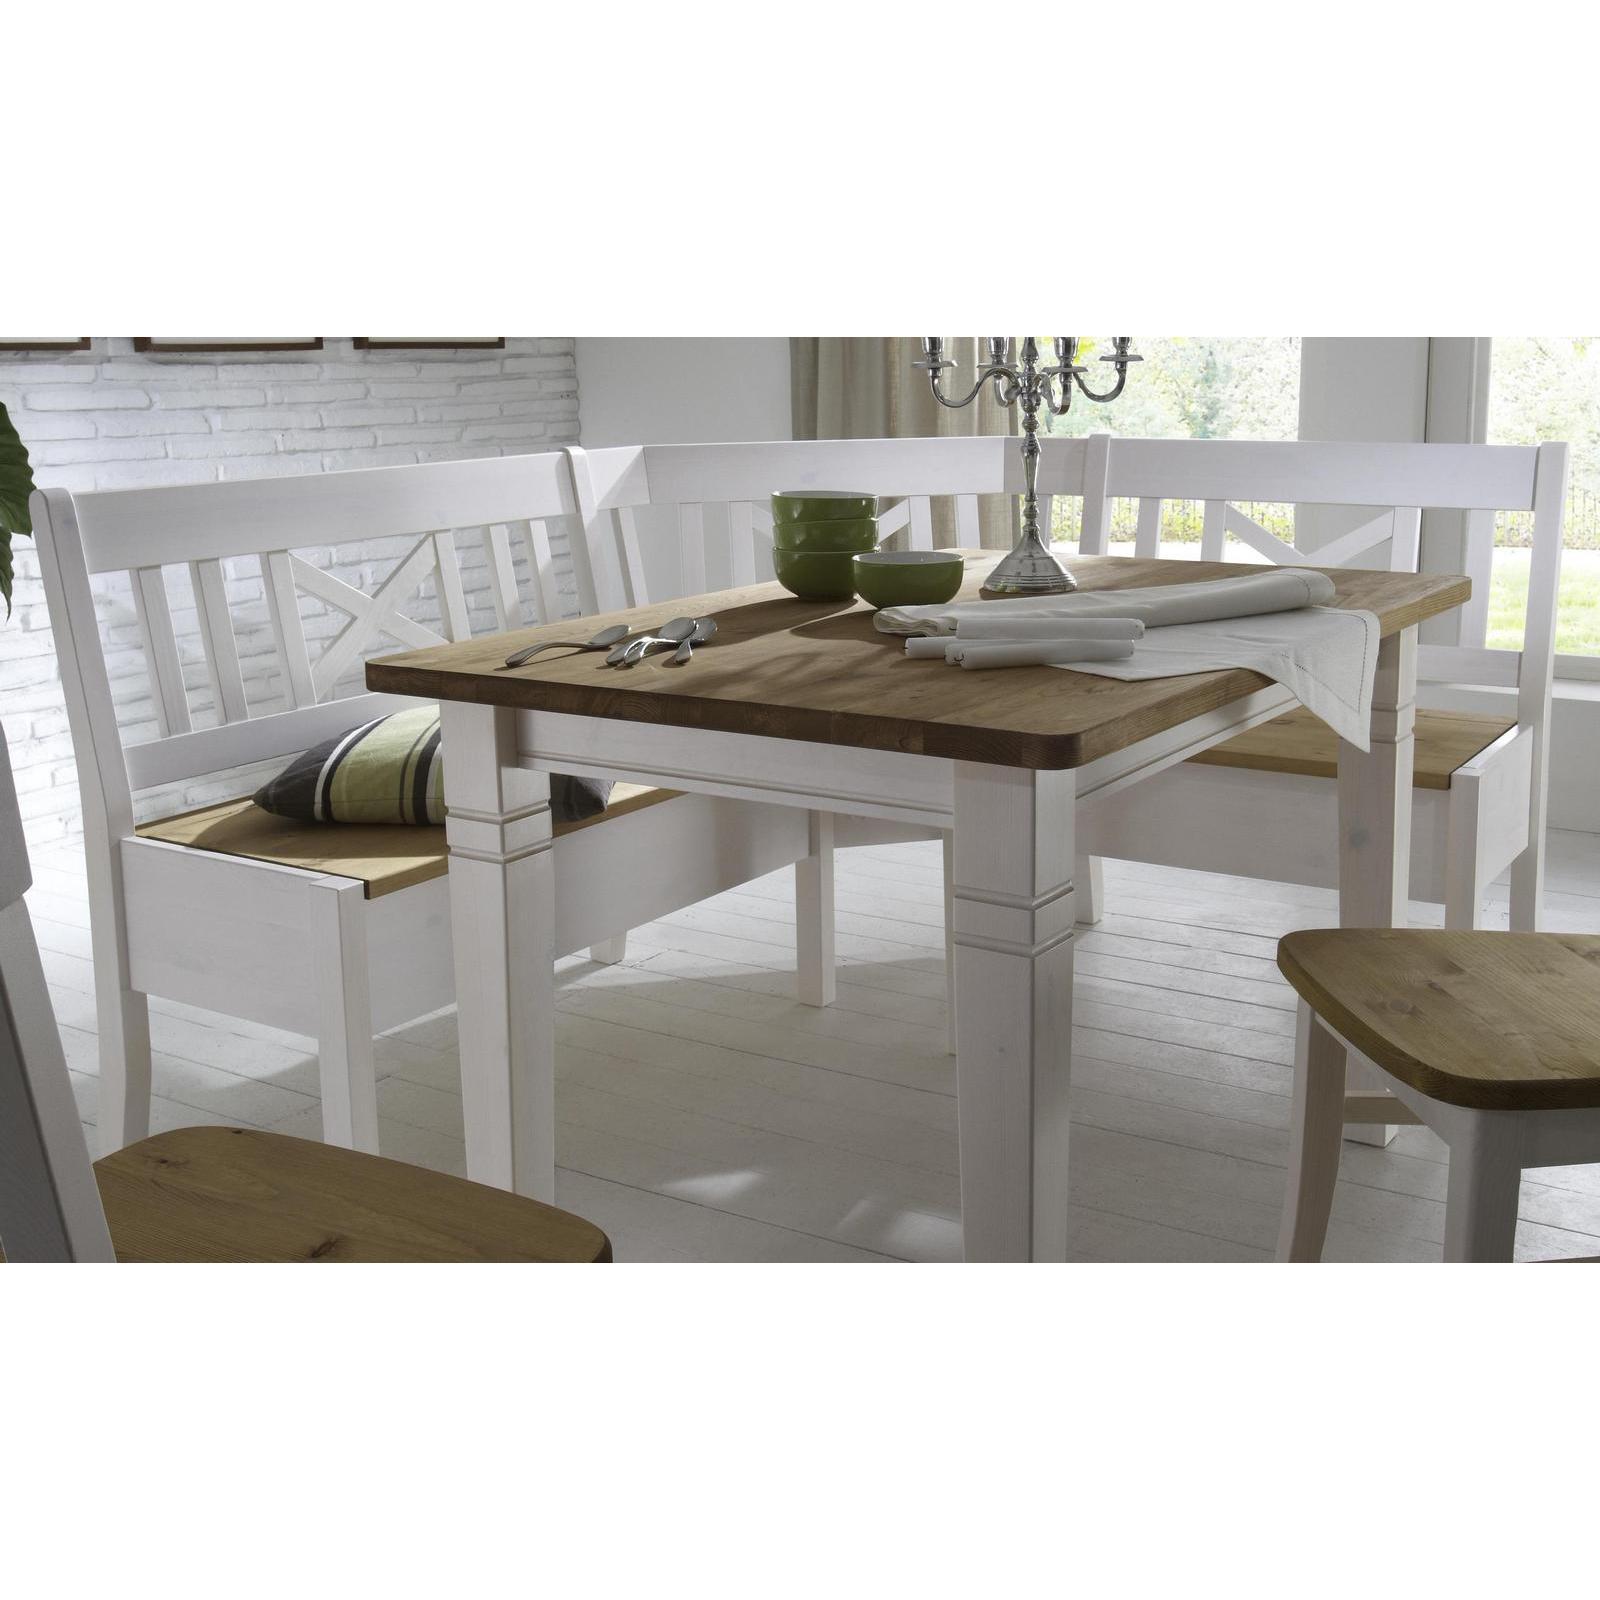 landhaus eckbankgruppe kiefer massiv 2 farbig wei. Black Bedroom Furniture Sets. Home Design Ideas